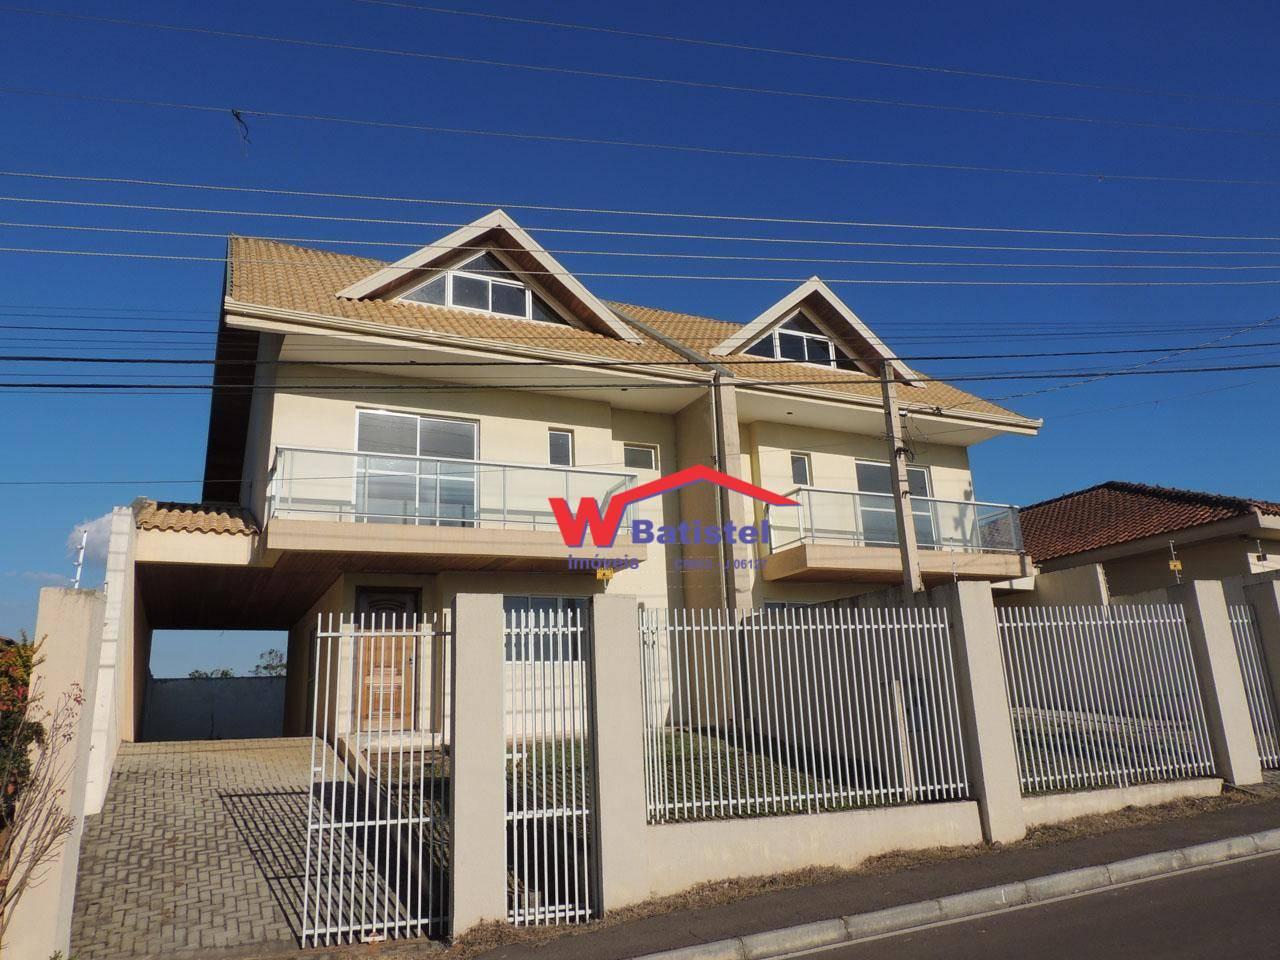 Sobrado com 3 dormitórios à venda, 177 m² -  Avenida Joana D Arc nº 206 -Tanguá - Almirante Tamandaré/PR